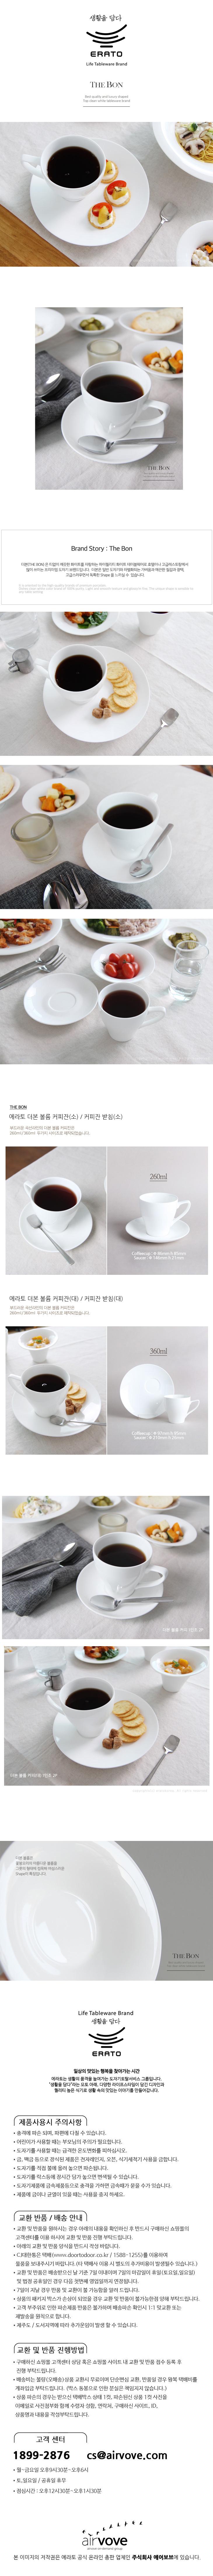 에라토 더본 볼륨 커피 B-47TB - 에라토, 4,100원, 커피잔/찻잔, 커피잔/찻잔